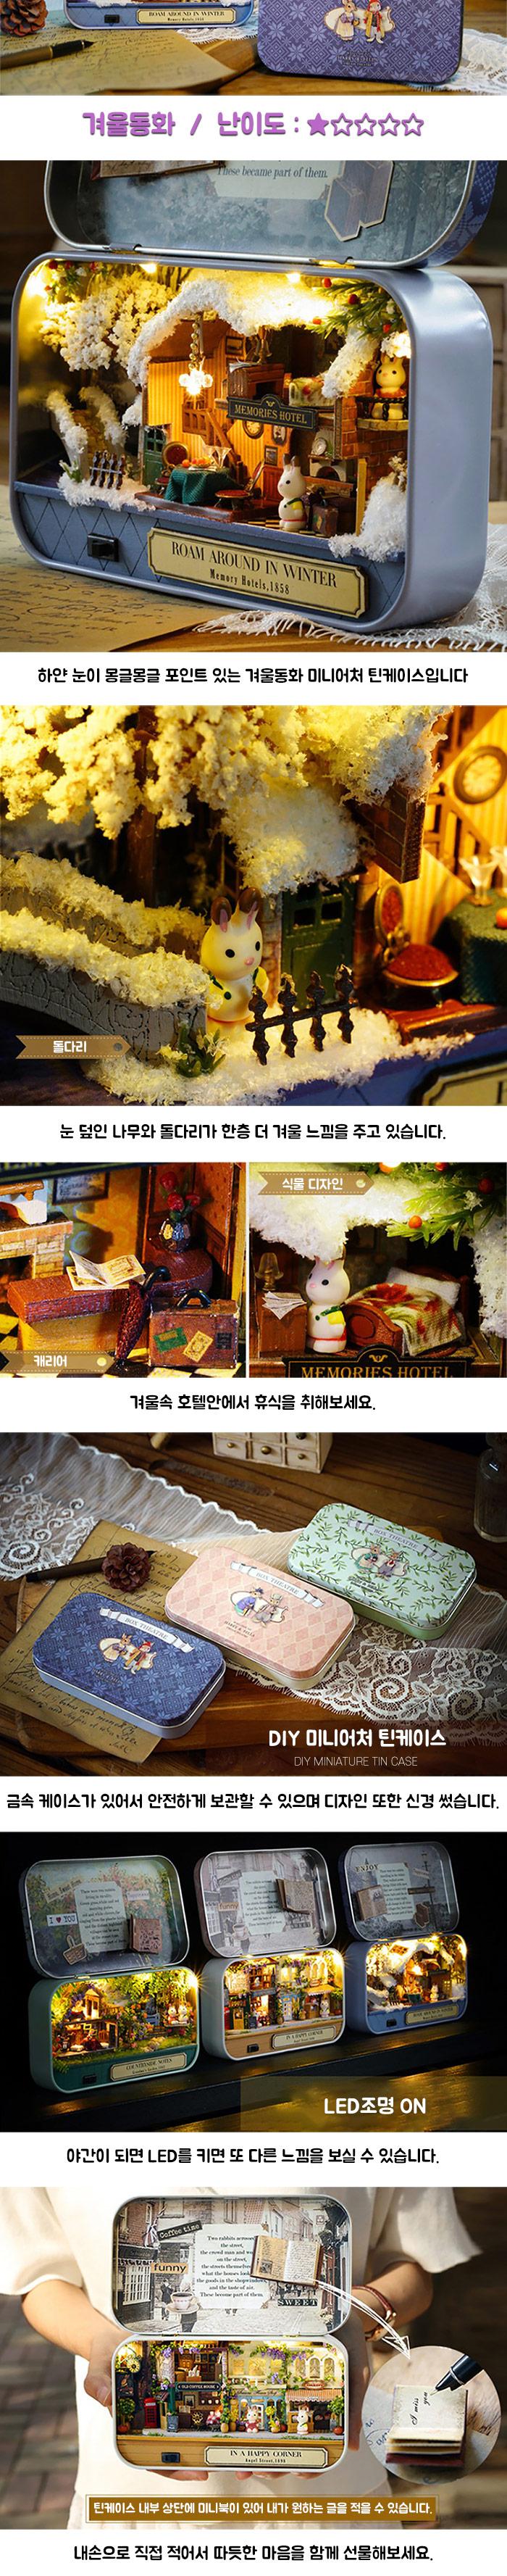 DIY 미니어처 틴케이스 - 청년리빙, 12,500원, 미니어처 DIY, 미니어처 만들기 패키지